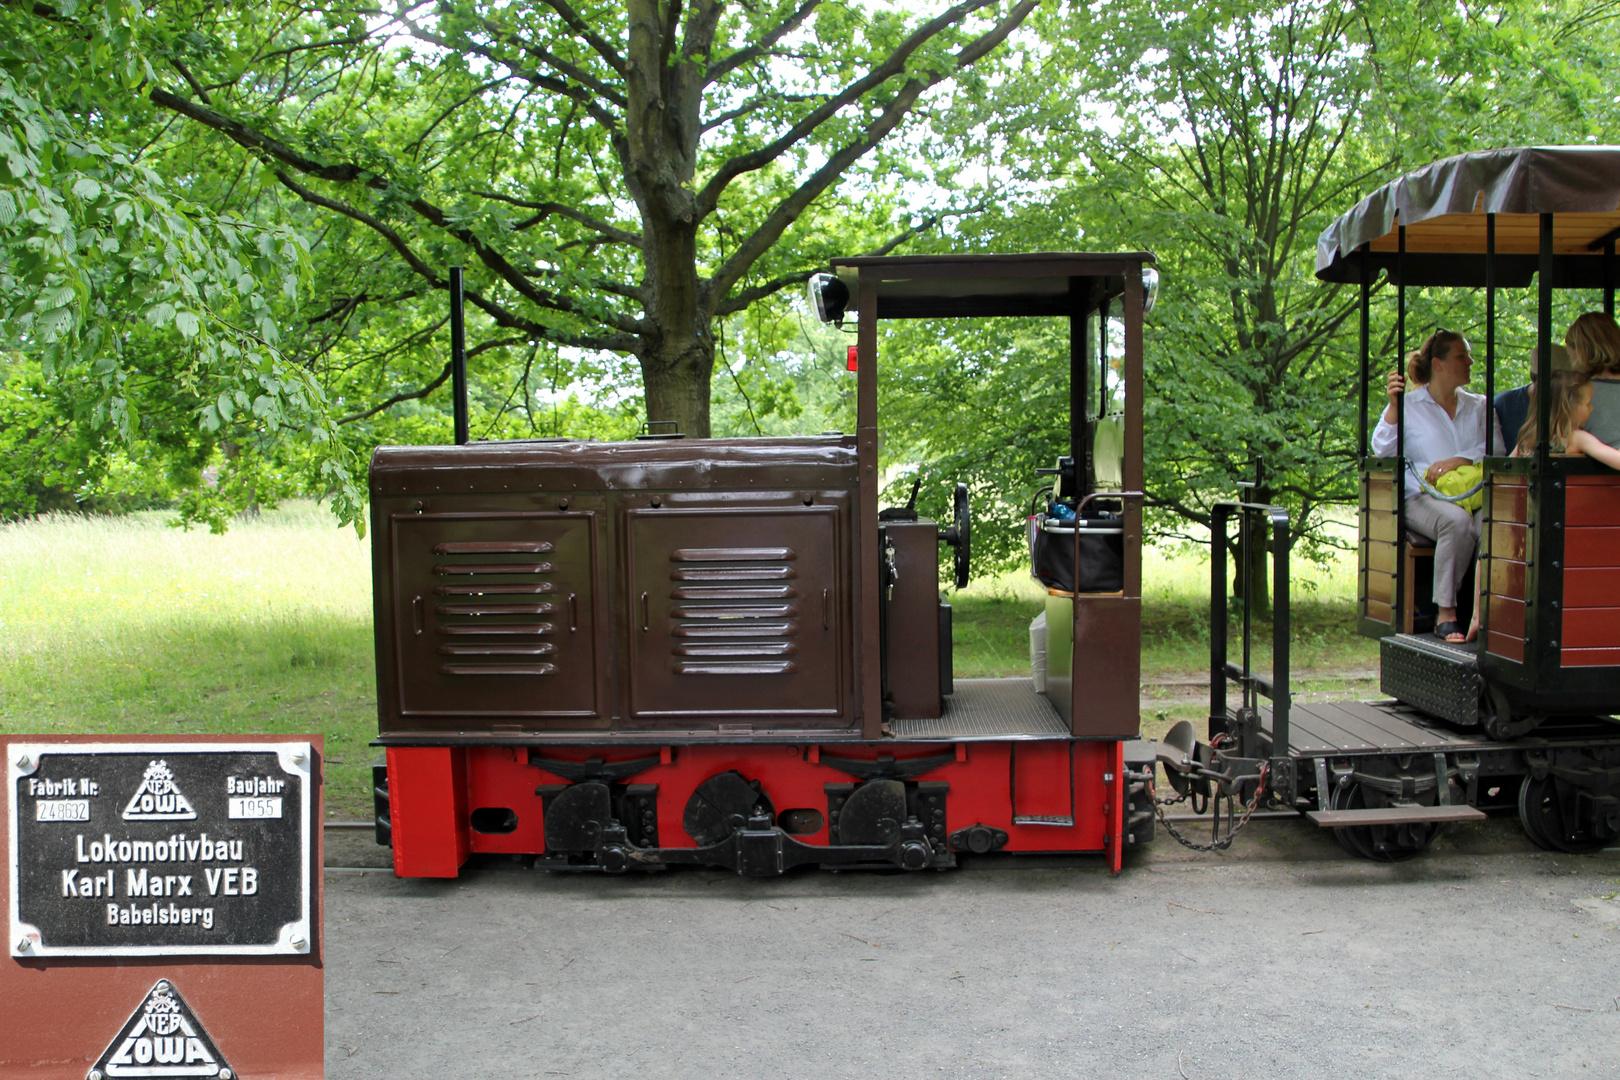 Im Britzer Garten Berlin Foto Bild Schmalspur Eisenbahn Verkehr Fahrzeuge Bilder Auf Fotocommunity